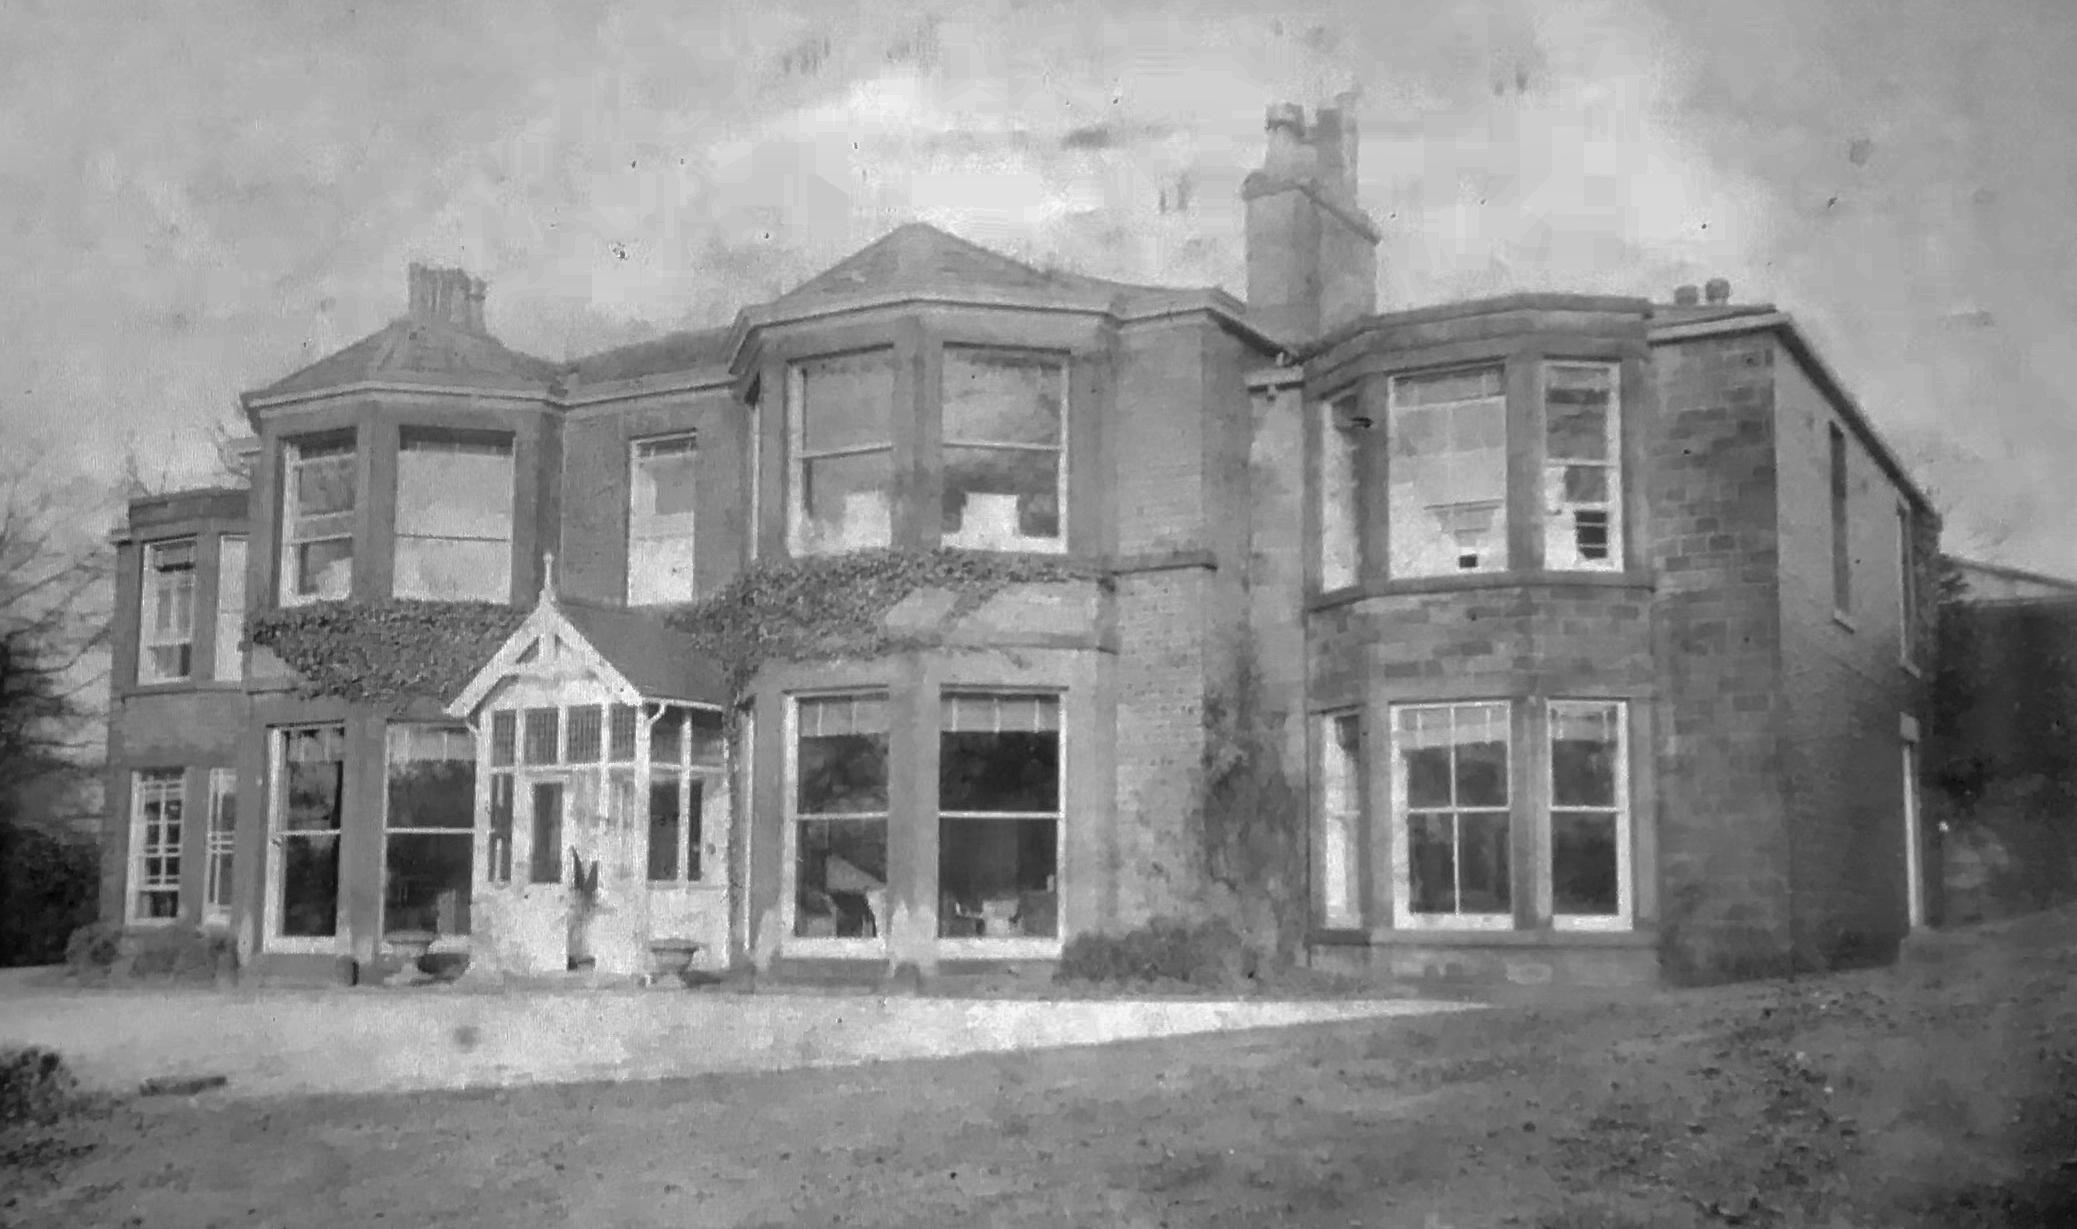 Leeds Teacher Training Hostel, St Ann's Lane